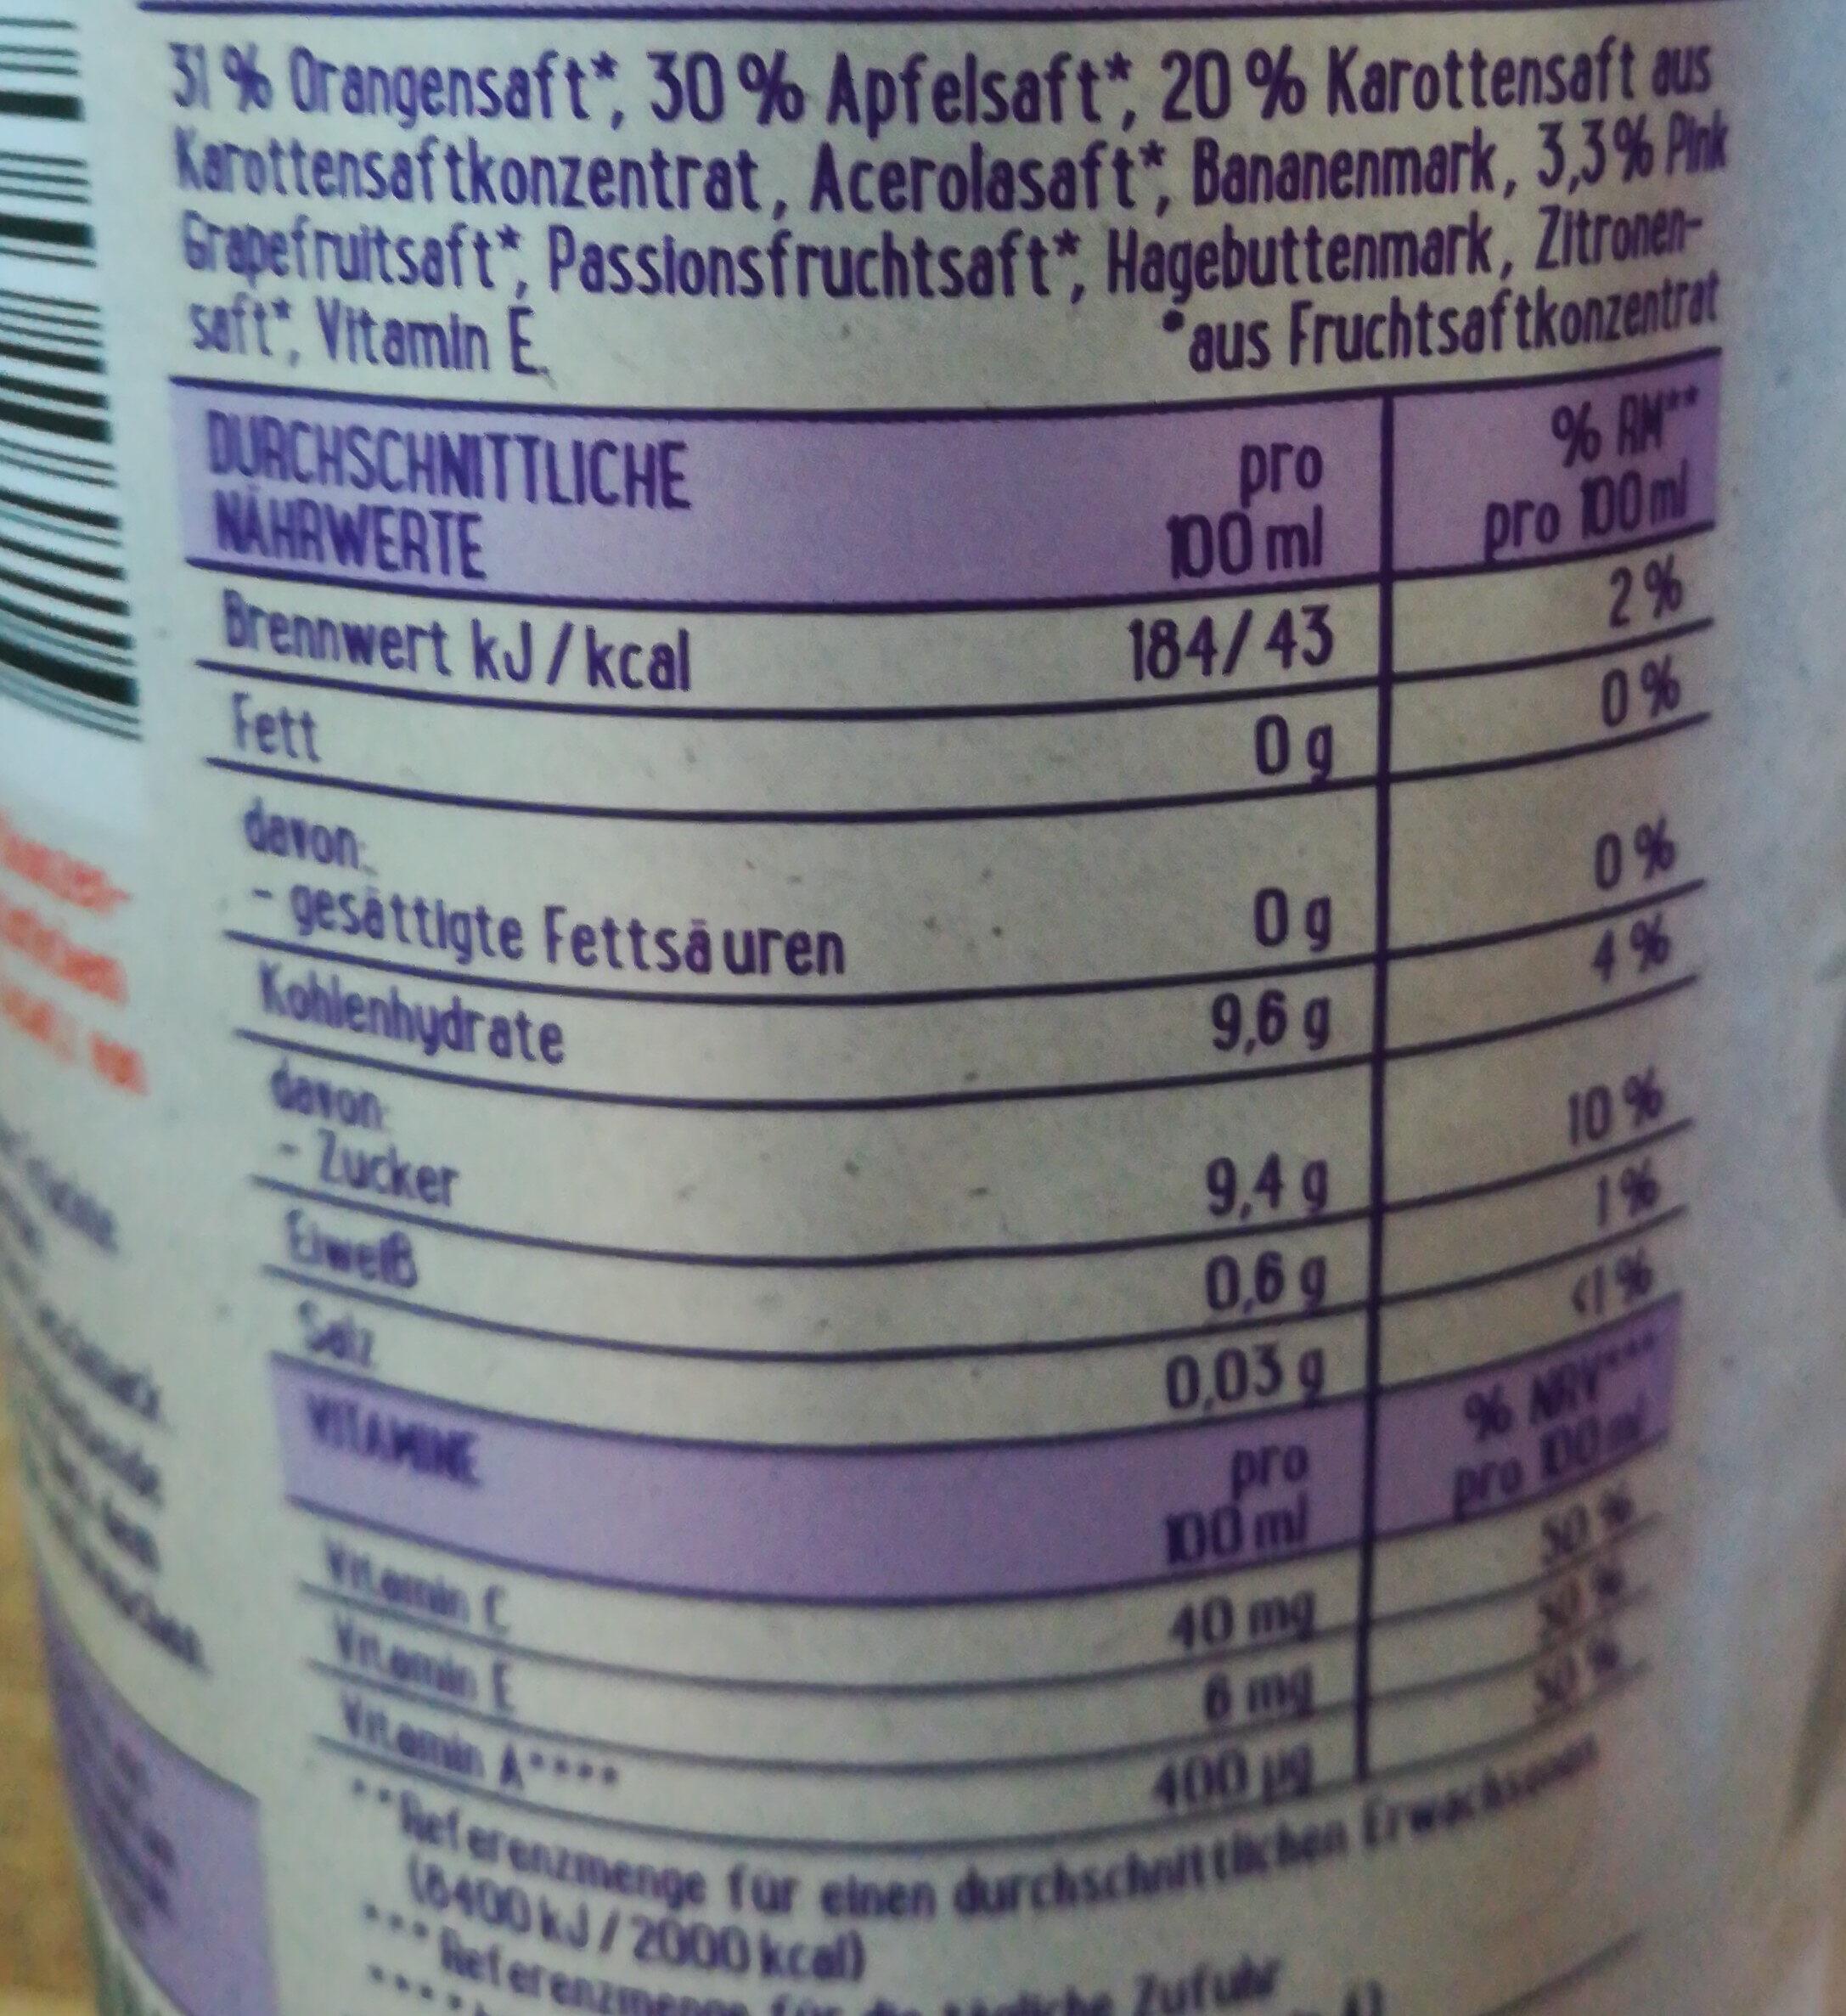 EDEKA Saft Liebe ACE - Nutrition facts - de